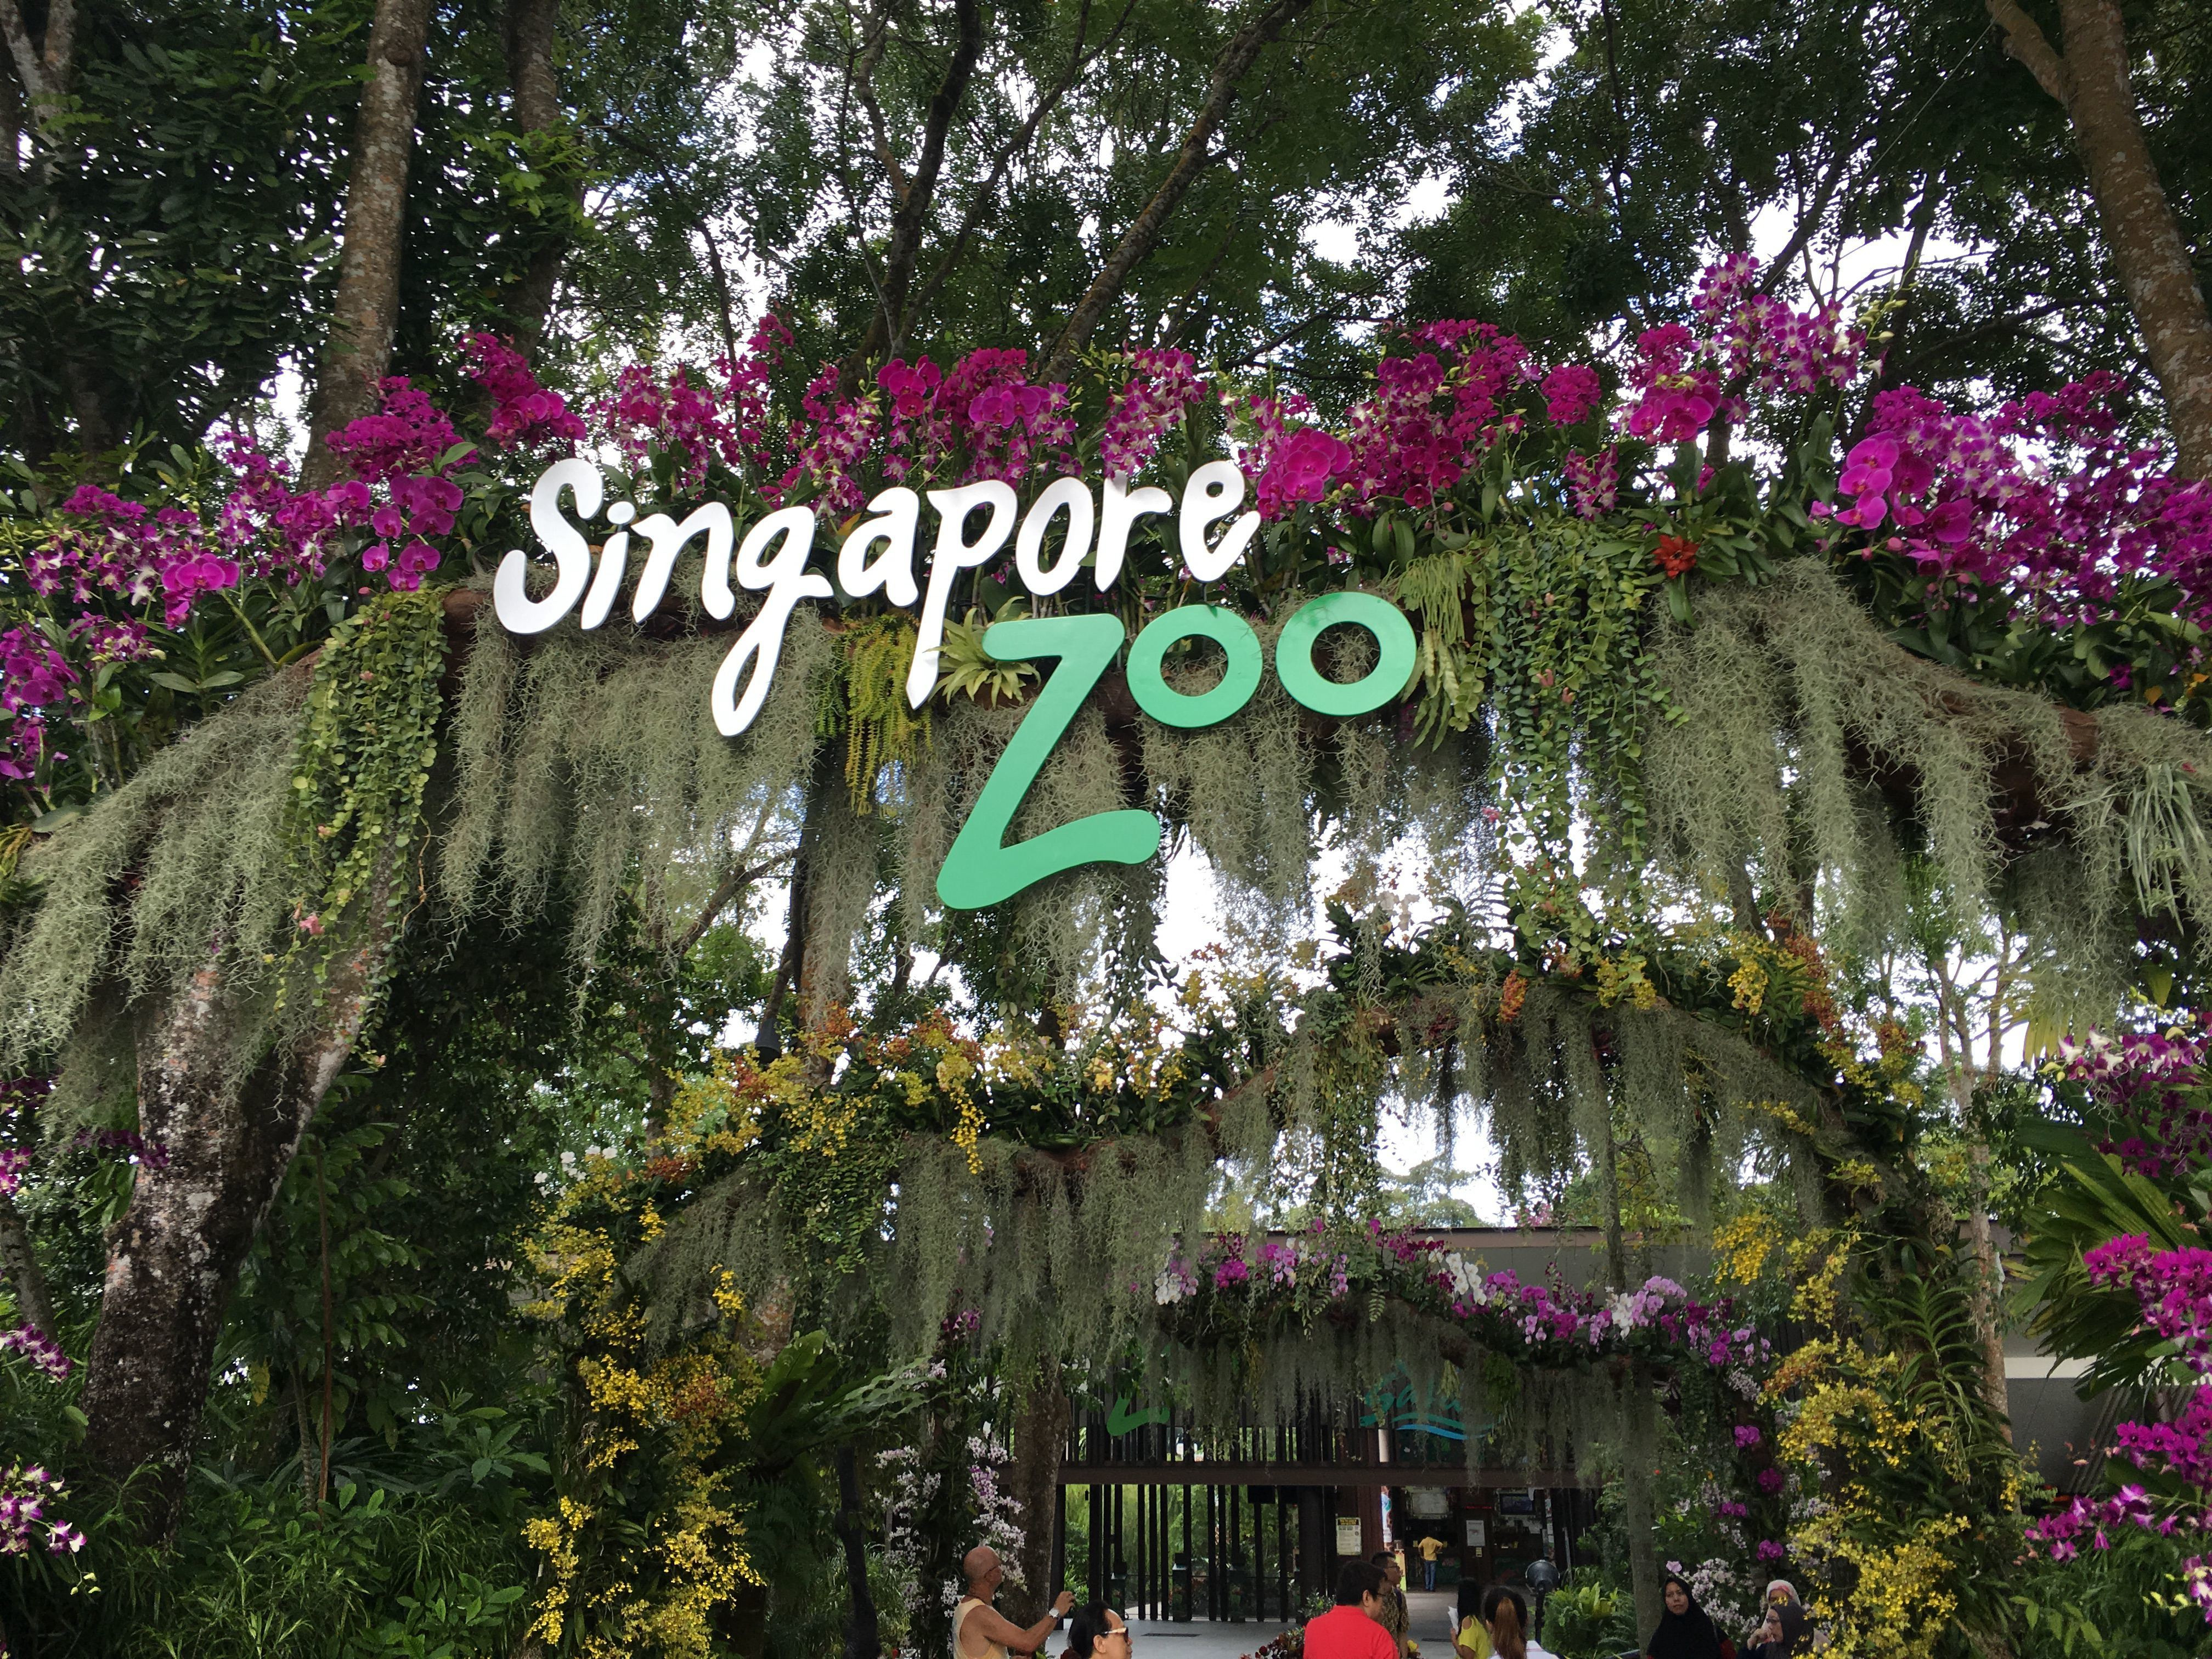 新加坡动物园,在新加坡的北侧,如果要过去玩的话最好准备一天的时间,一方面因为所处的地理位置比较偏,单程车程就要消耗一个小时,此外园区也很大,除了看一个个展区的动物之外,还有提供不同时间段的表演,那么在不同展区看表演和等候的时间加起来至少需要一个半小时。此外,从新加坡动物园也可以到河川生态园和夜间动物园玩,到河川生态园步行约一分钟,到夜间动物园步行约三分钟,非常方便。